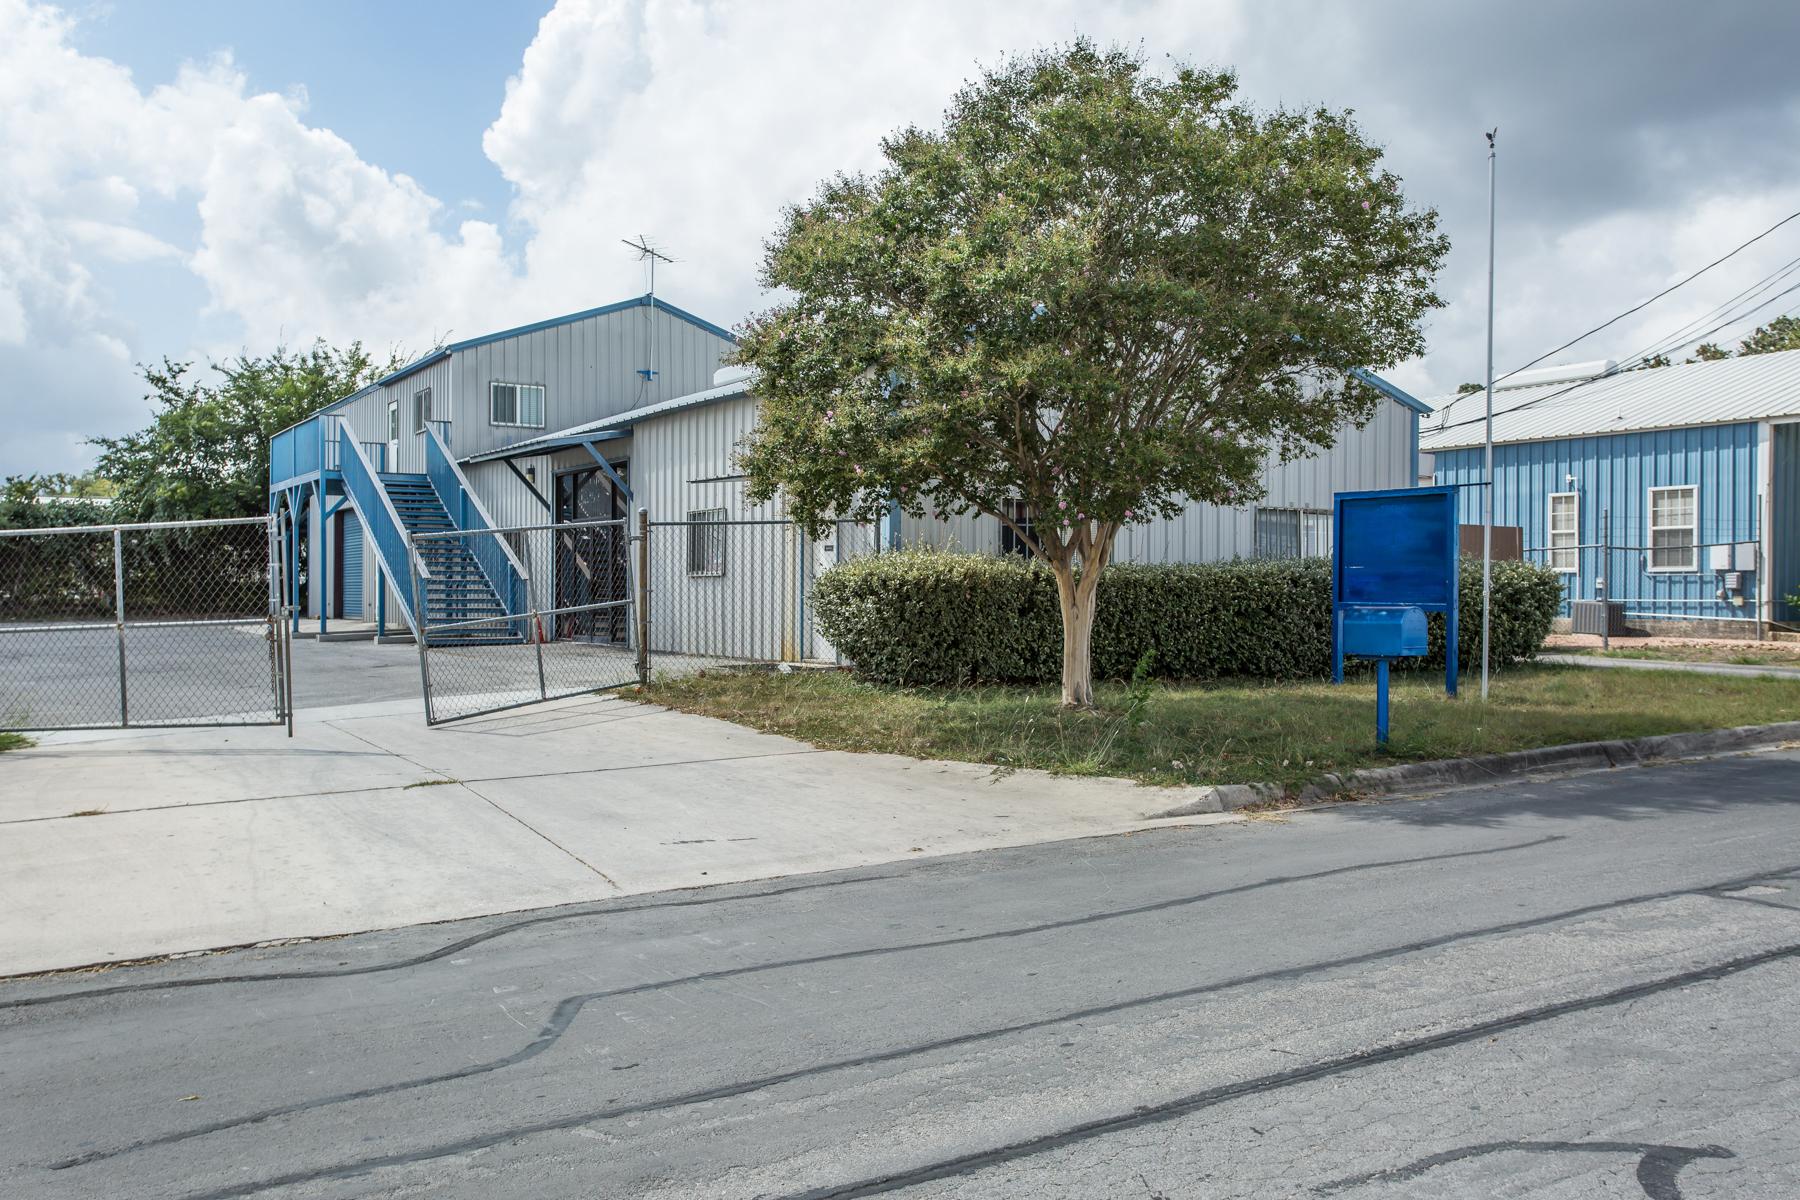 Comercial por un Venta en Great Commercial Property in Boerne 111 Parkway Boerne, Texas 78006 Estados Unidos